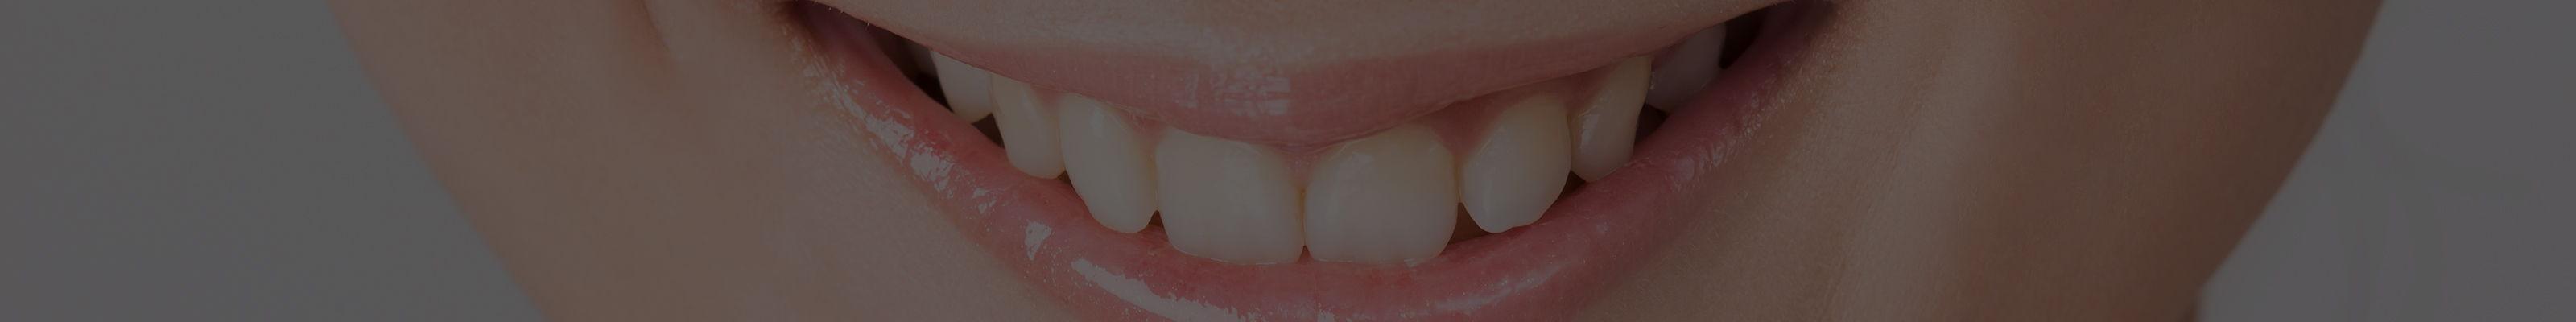 歯をメンテナンスしたい